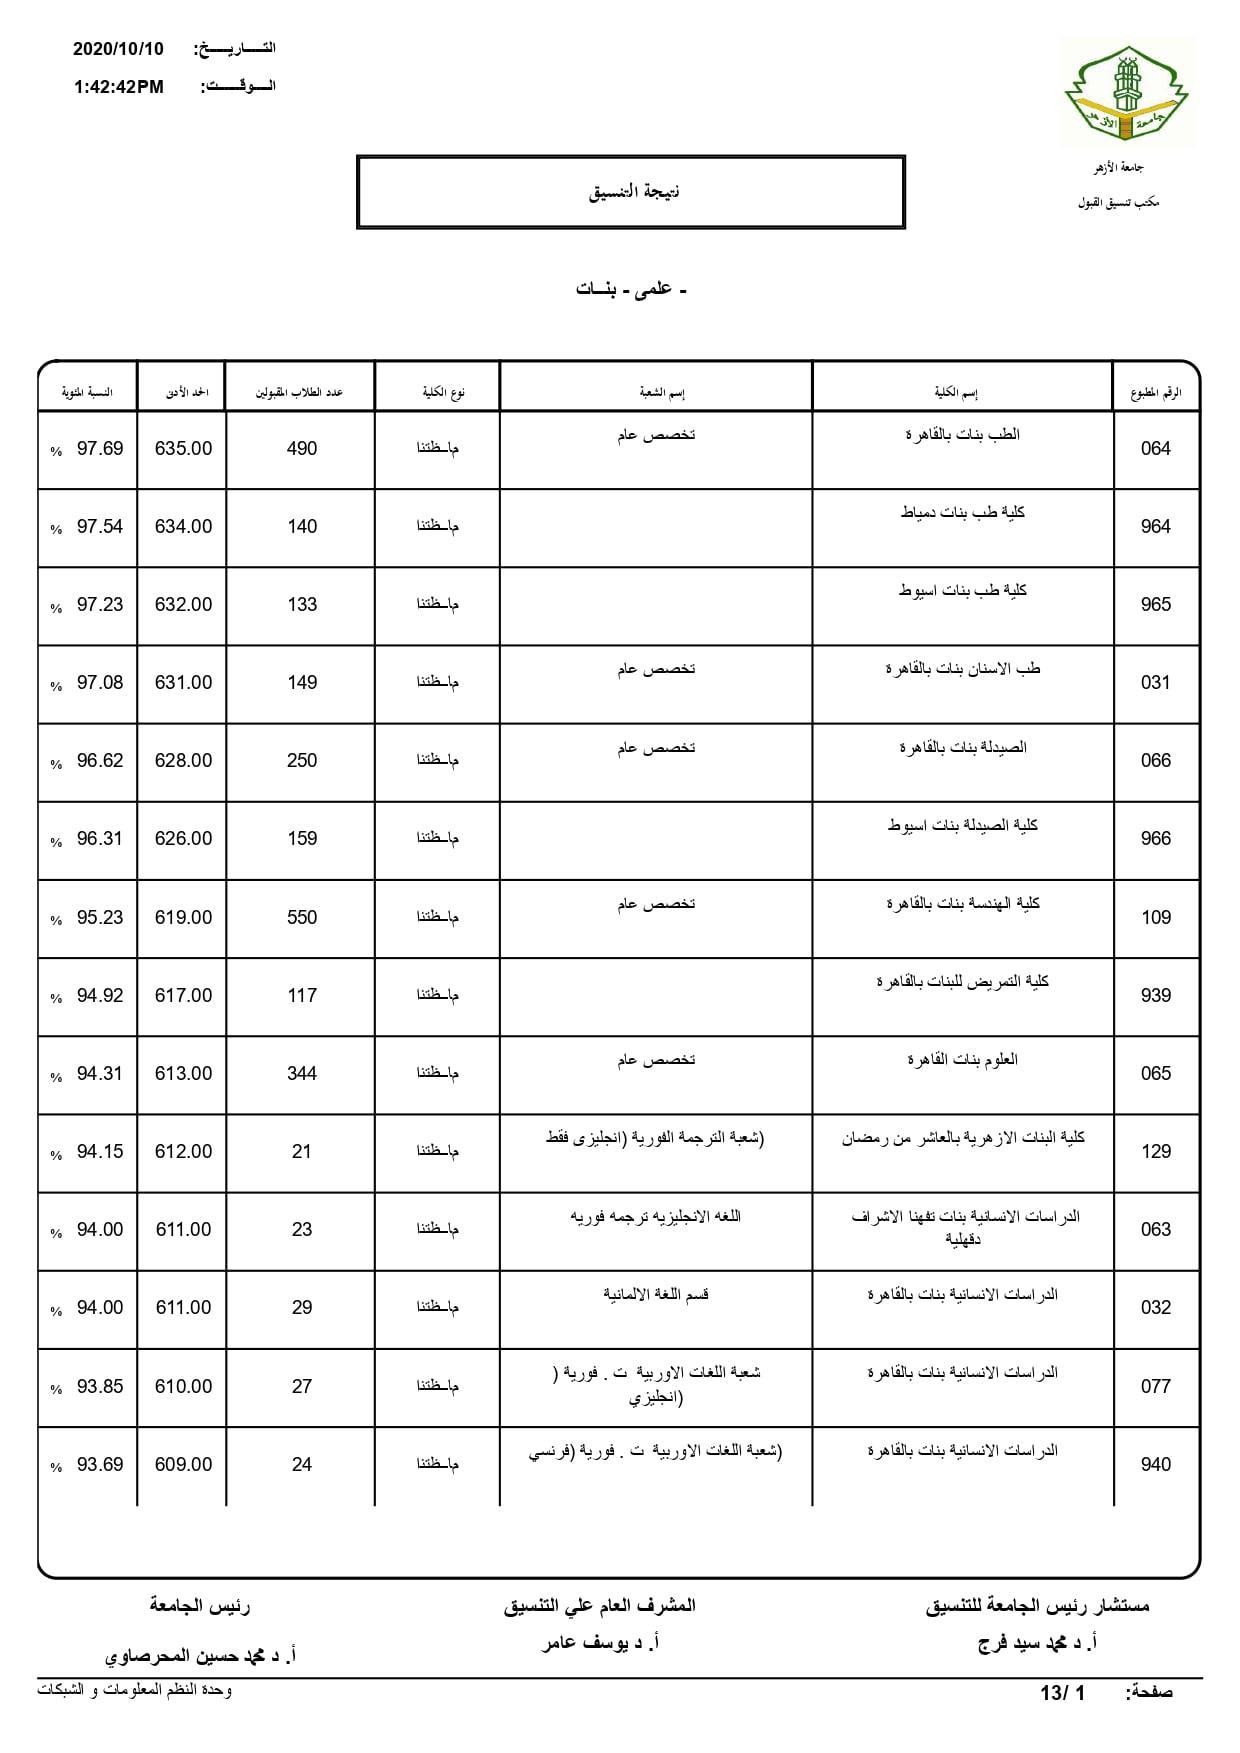 نتيجة تنسيق كليات جامعة الأزهر لعام 2020 بالكامل 20201010203204069